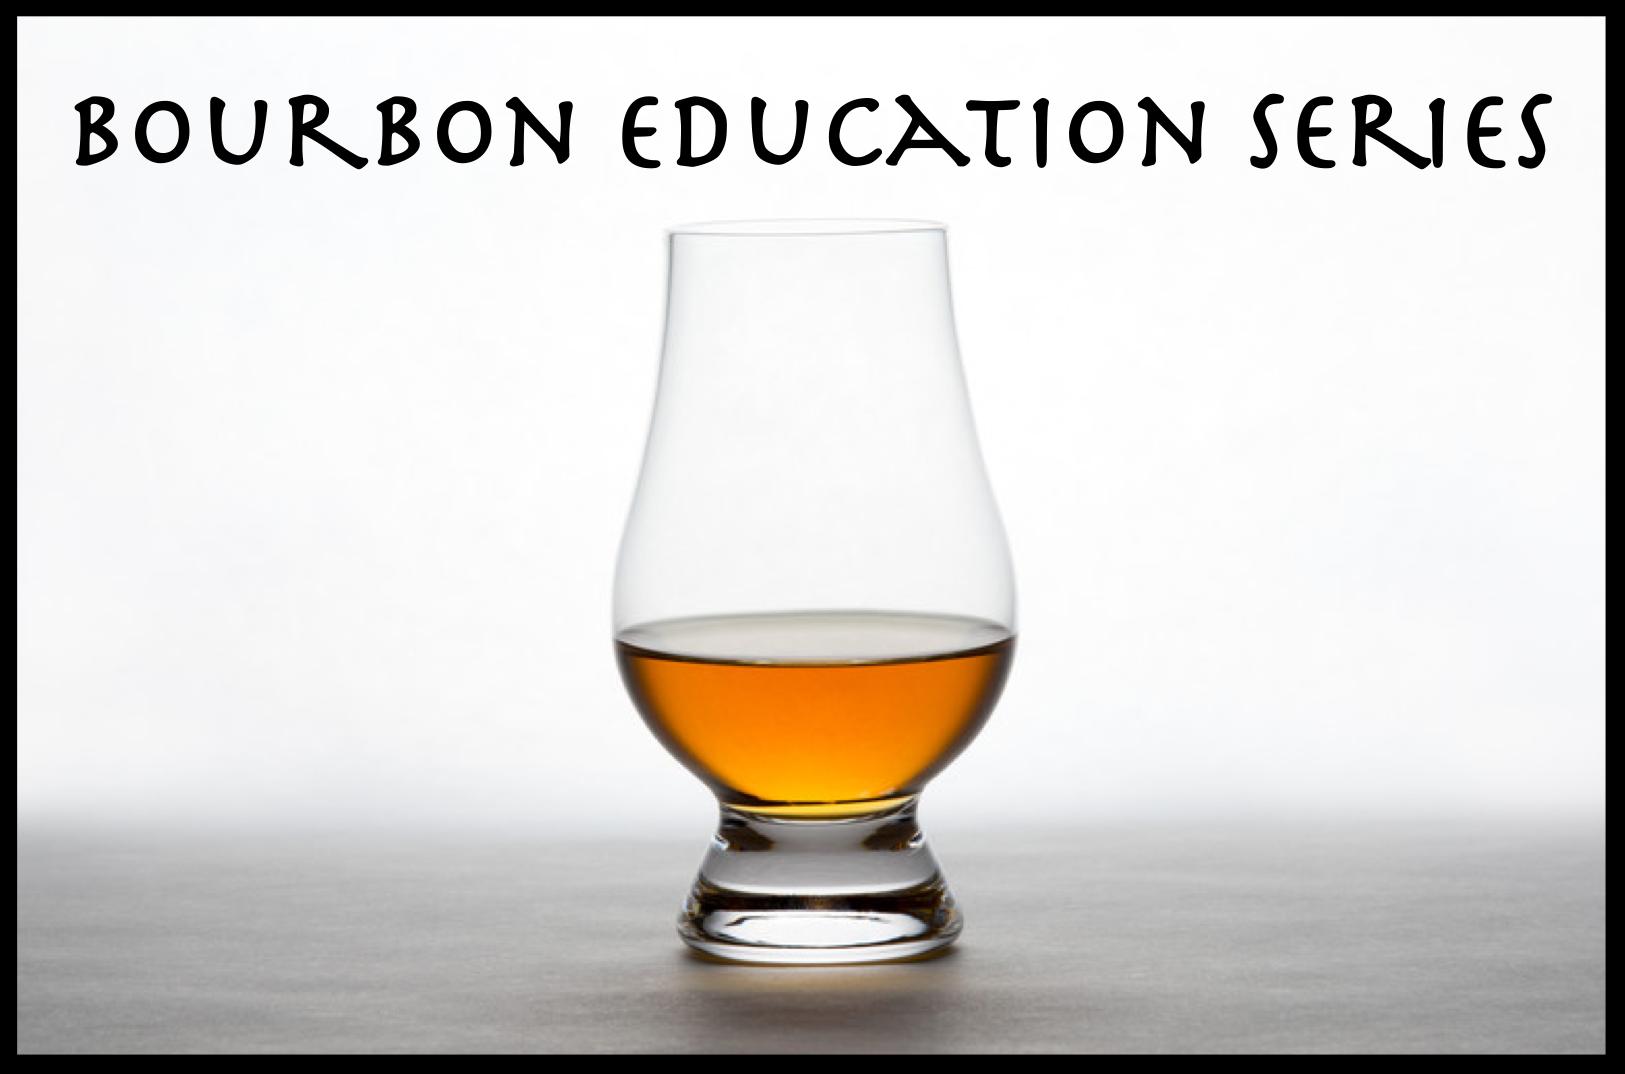 Bourbon Education Series - Final.png